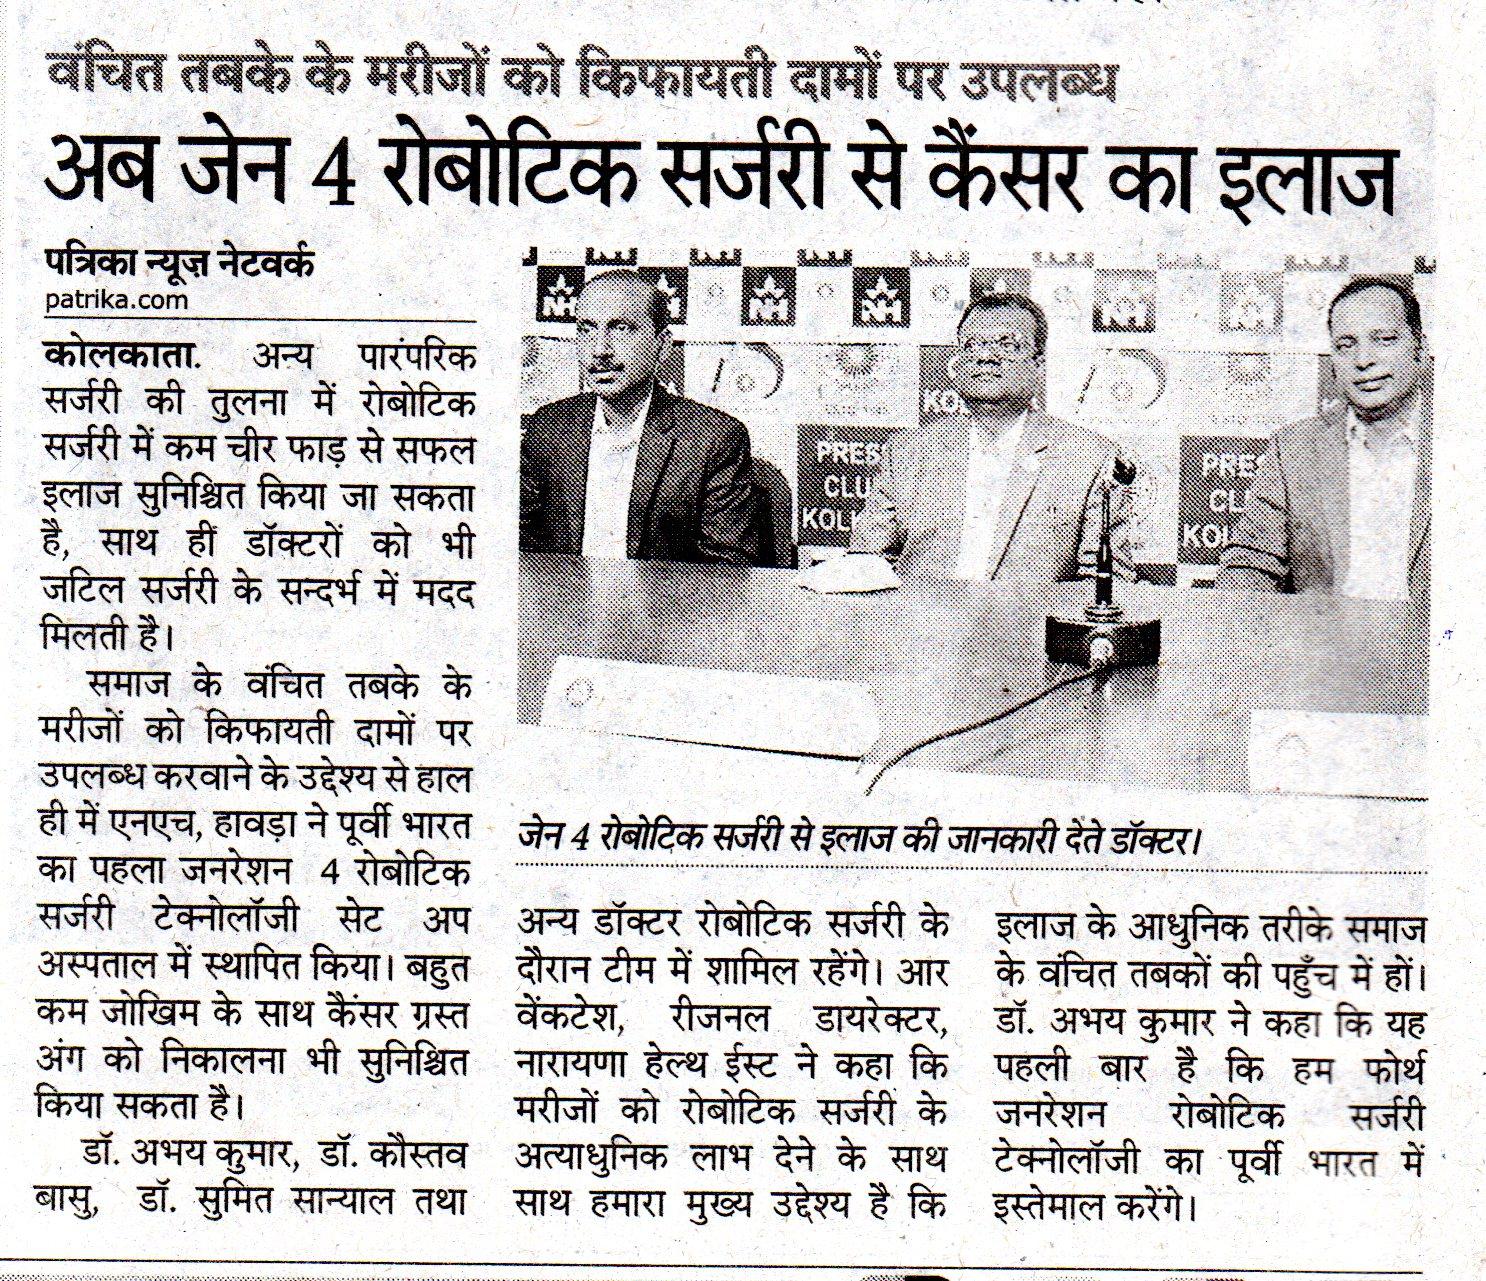 Robotic Surgery NSH How Feb 21 Rajasthan patrika page-4